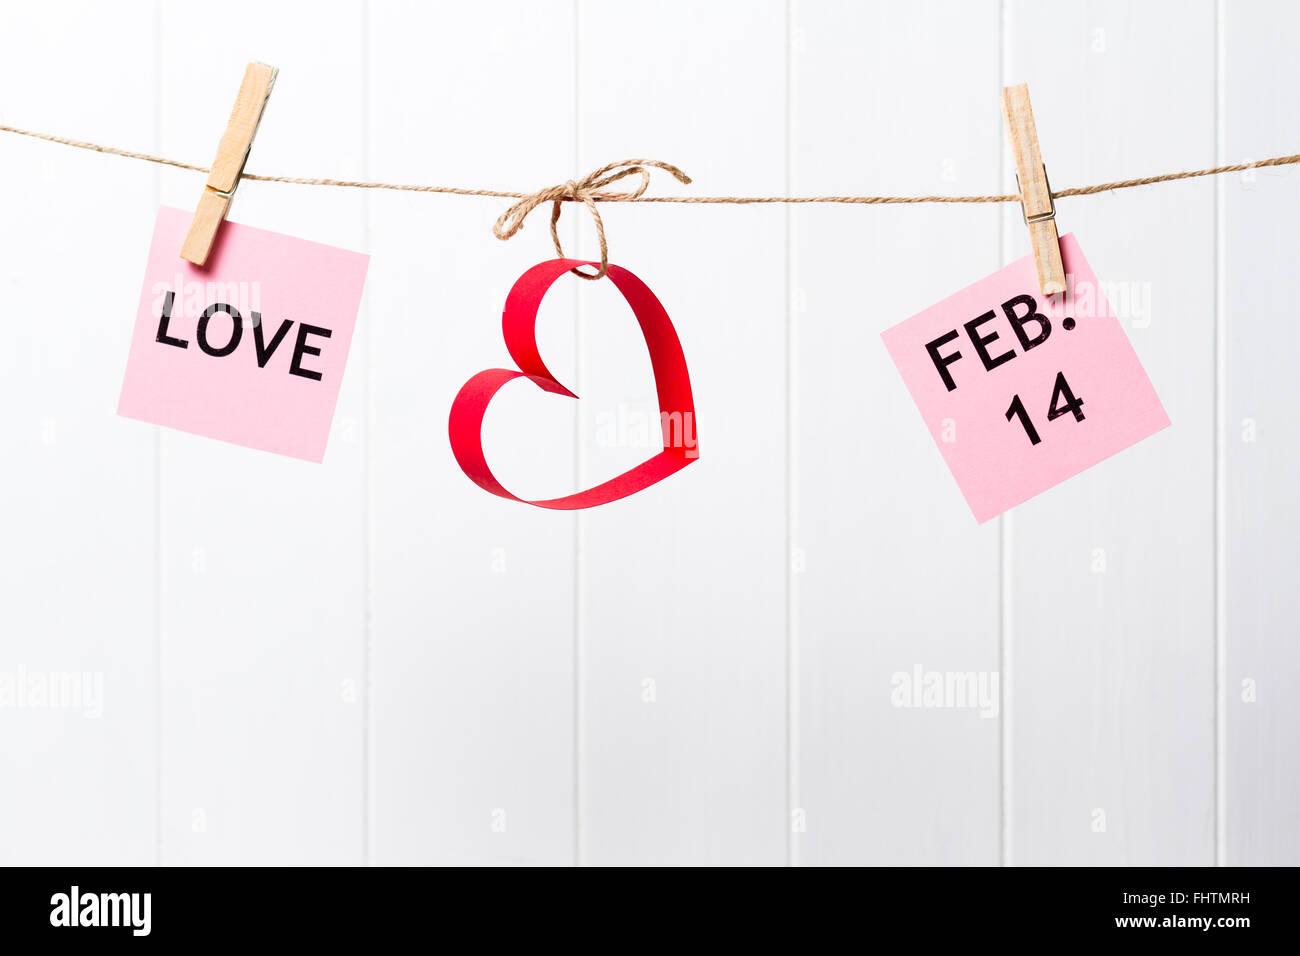 Datiert 2 Wochen Valentinstag Dan gemeint